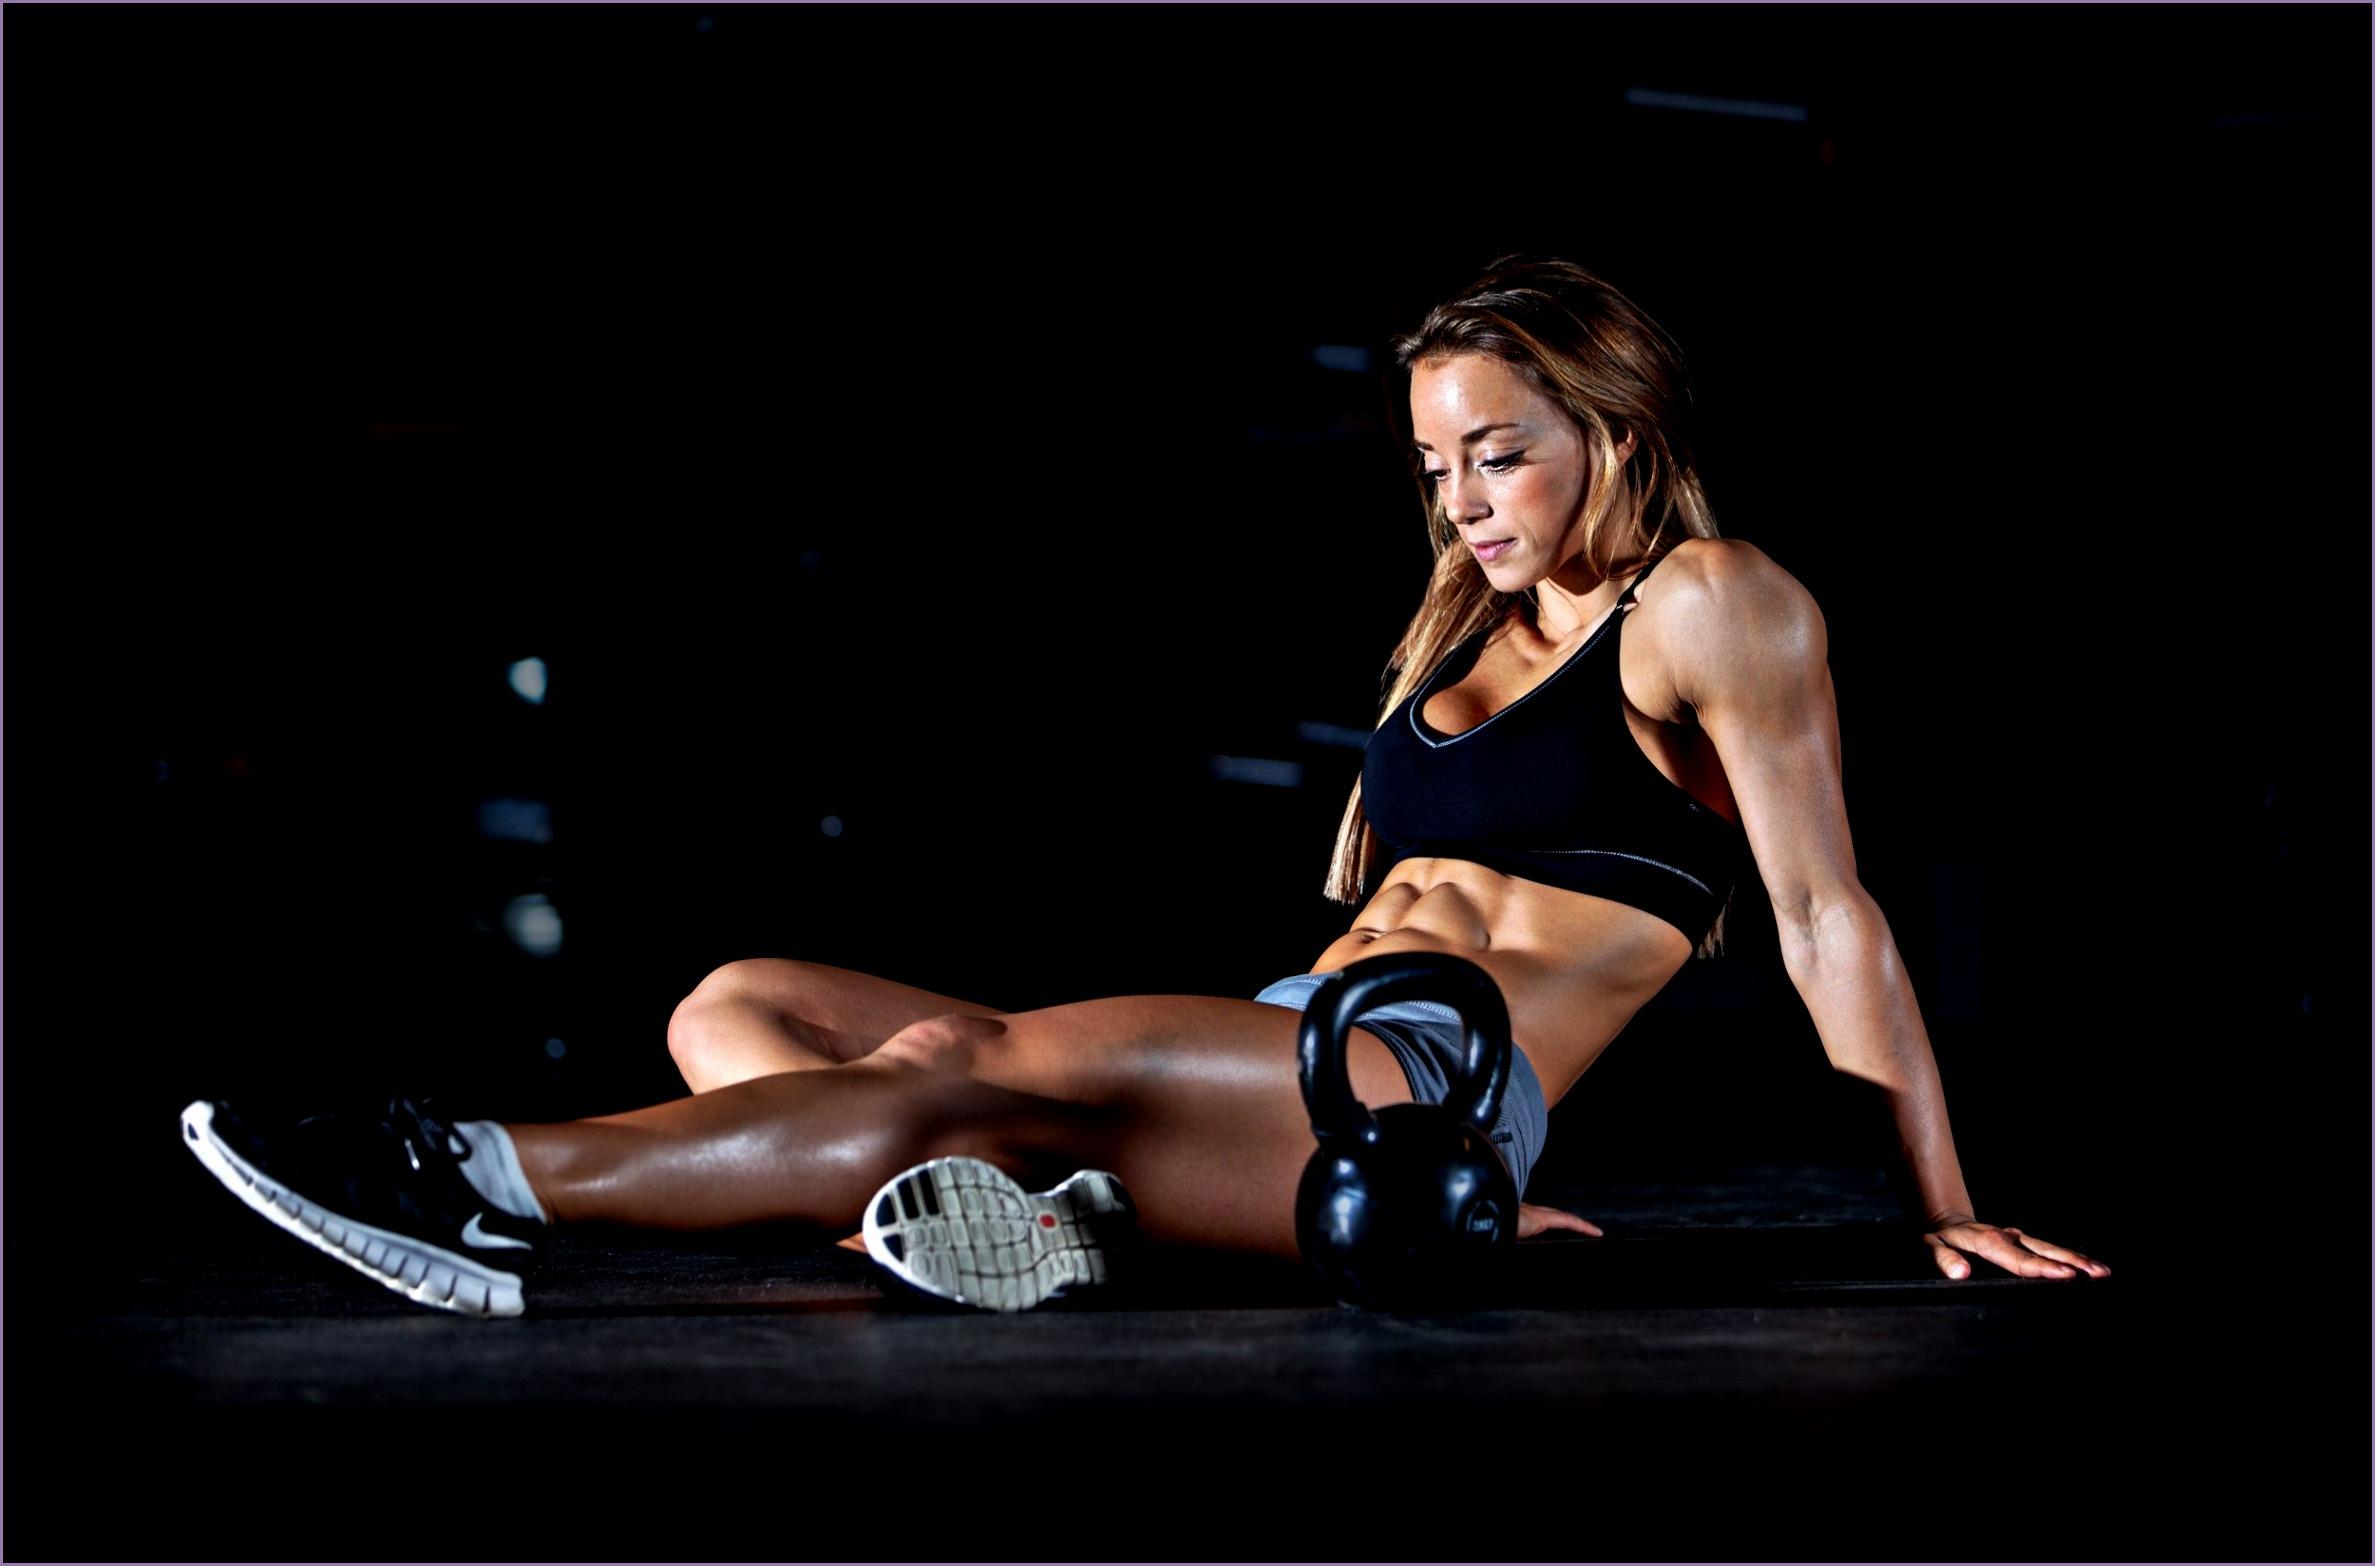 women fitness model sports